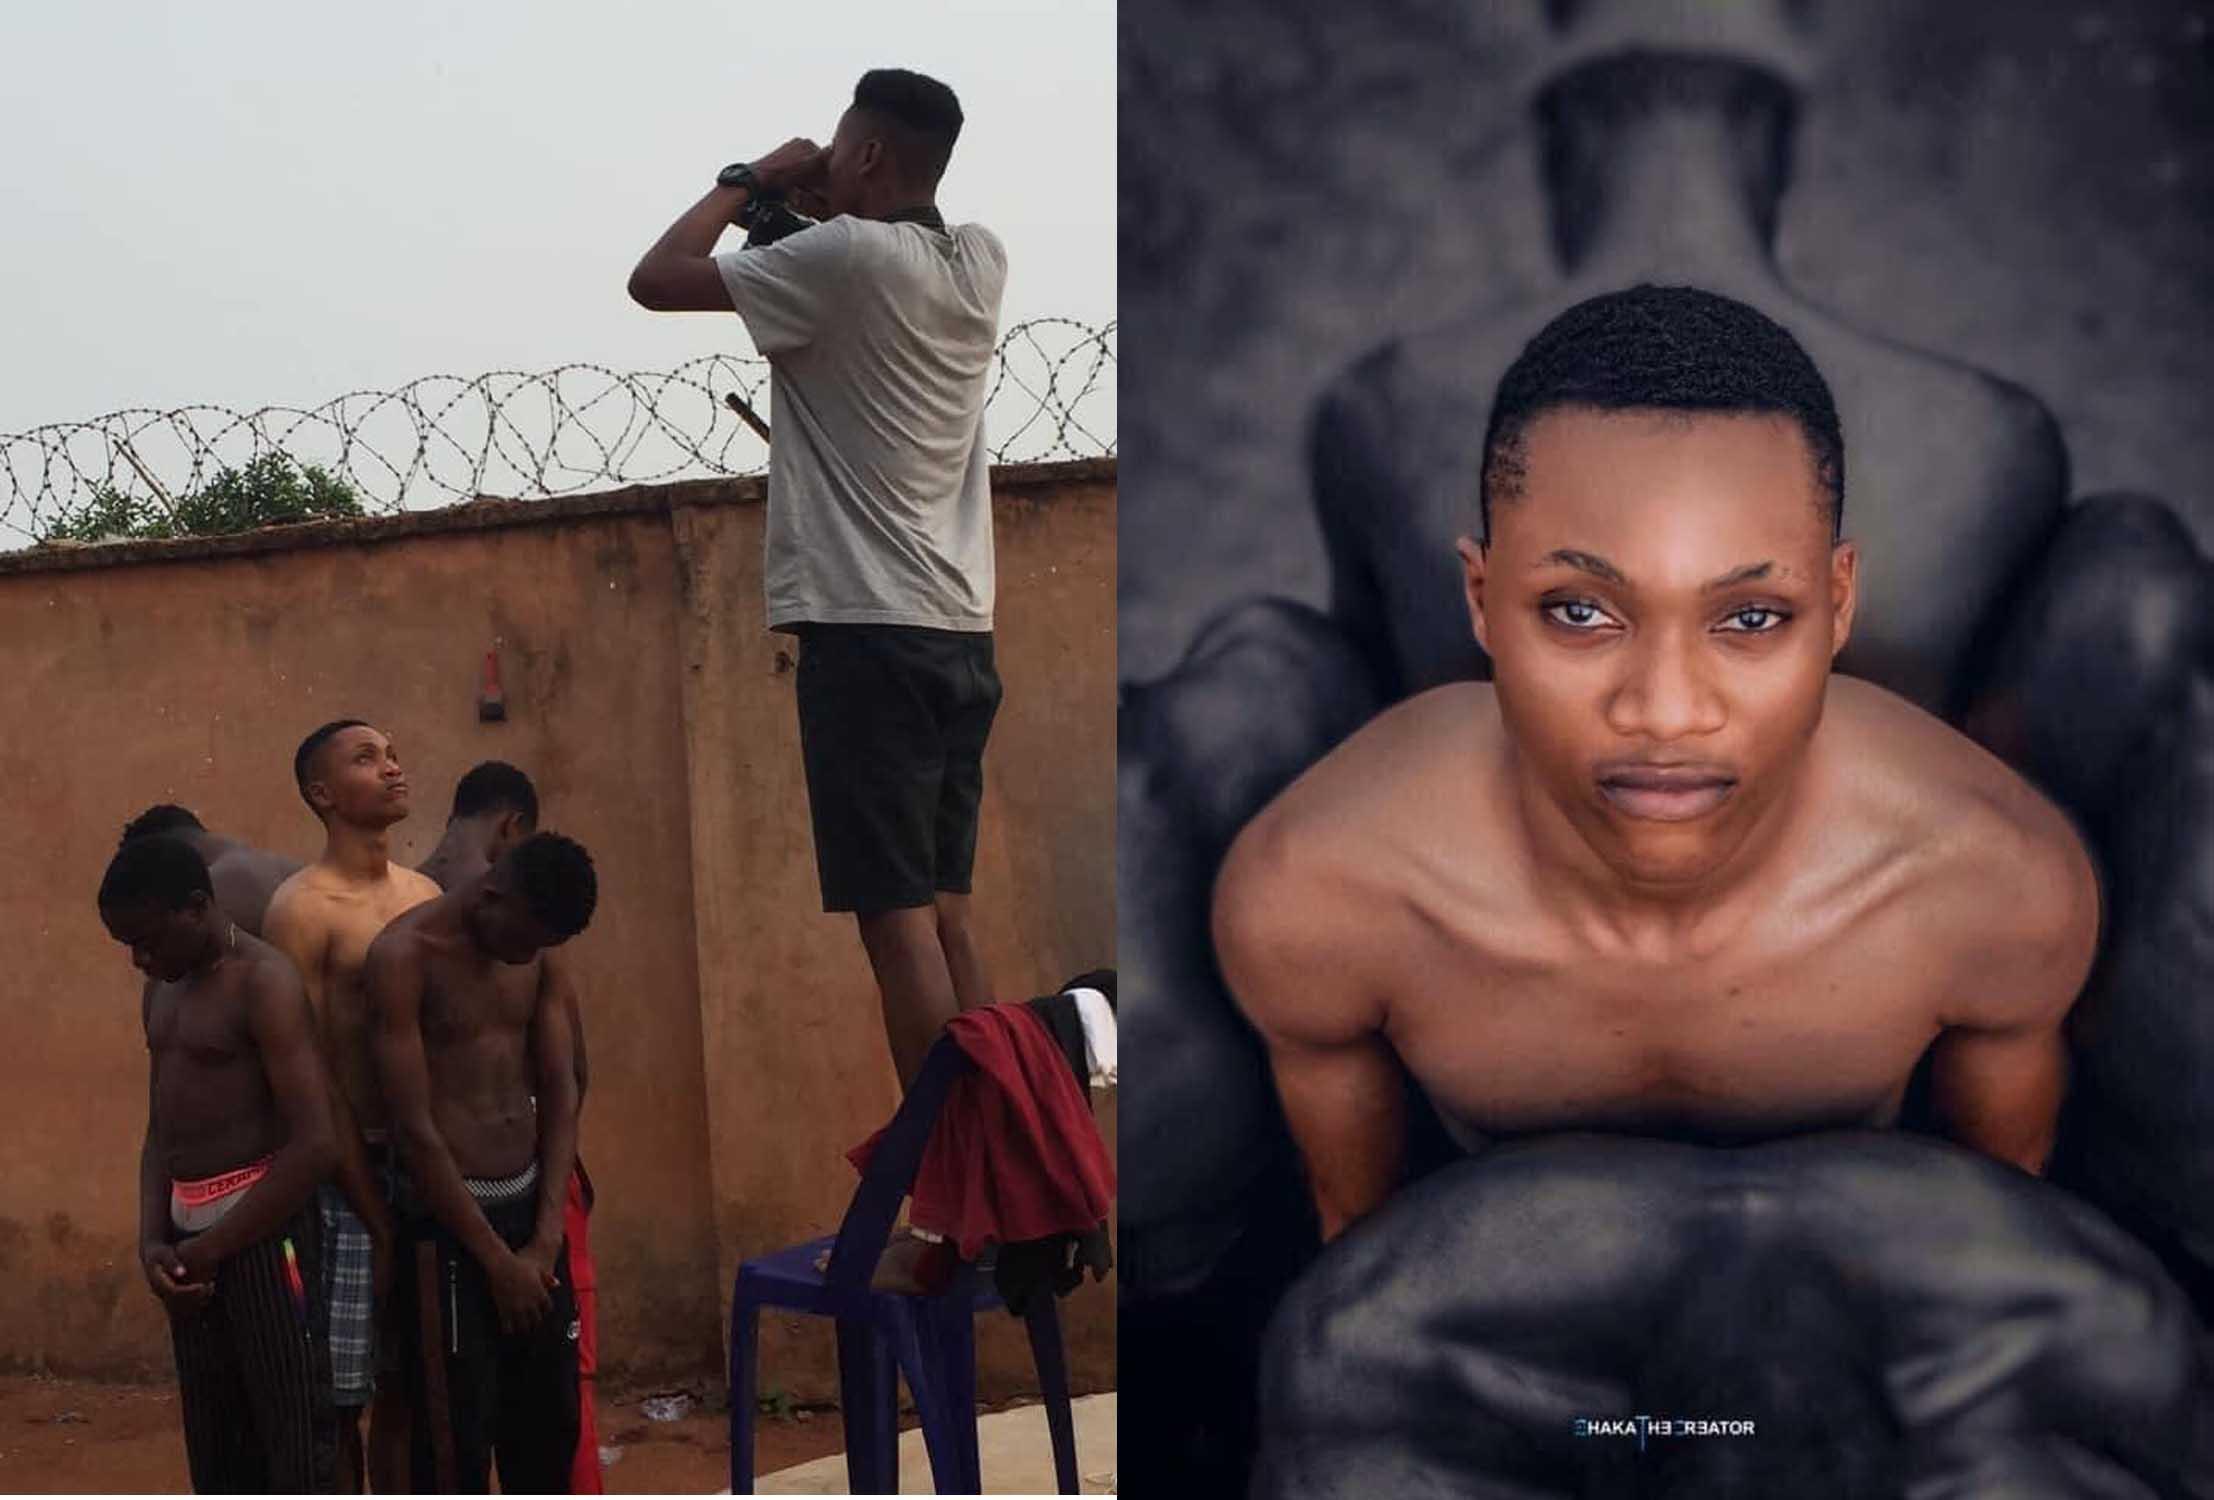 Một nhiếp ảnh gia ở Benin - quốc gia Tây Phi, tên cũ là Dahomey hay Dahomania, nơi có chung biên giới với Togo và Nigeria - khiến người dùng mạng không khỏi trầm trồ về những bức ảnh nghệ thuật, nhiều cảm xúc. Những khoảnh khắc này được một số fanpage Việt Nam chia sẻ lại, đang nhận rất nhiều lời khen. Trên trang Instagram/edos_artistry với gần 44.000 lượt theo dõi, nhiếp ảnh gia không ngần ngại chia sẻ khoảnh khắc hậu trường đầy vui nhộn của những bức ảnh này.